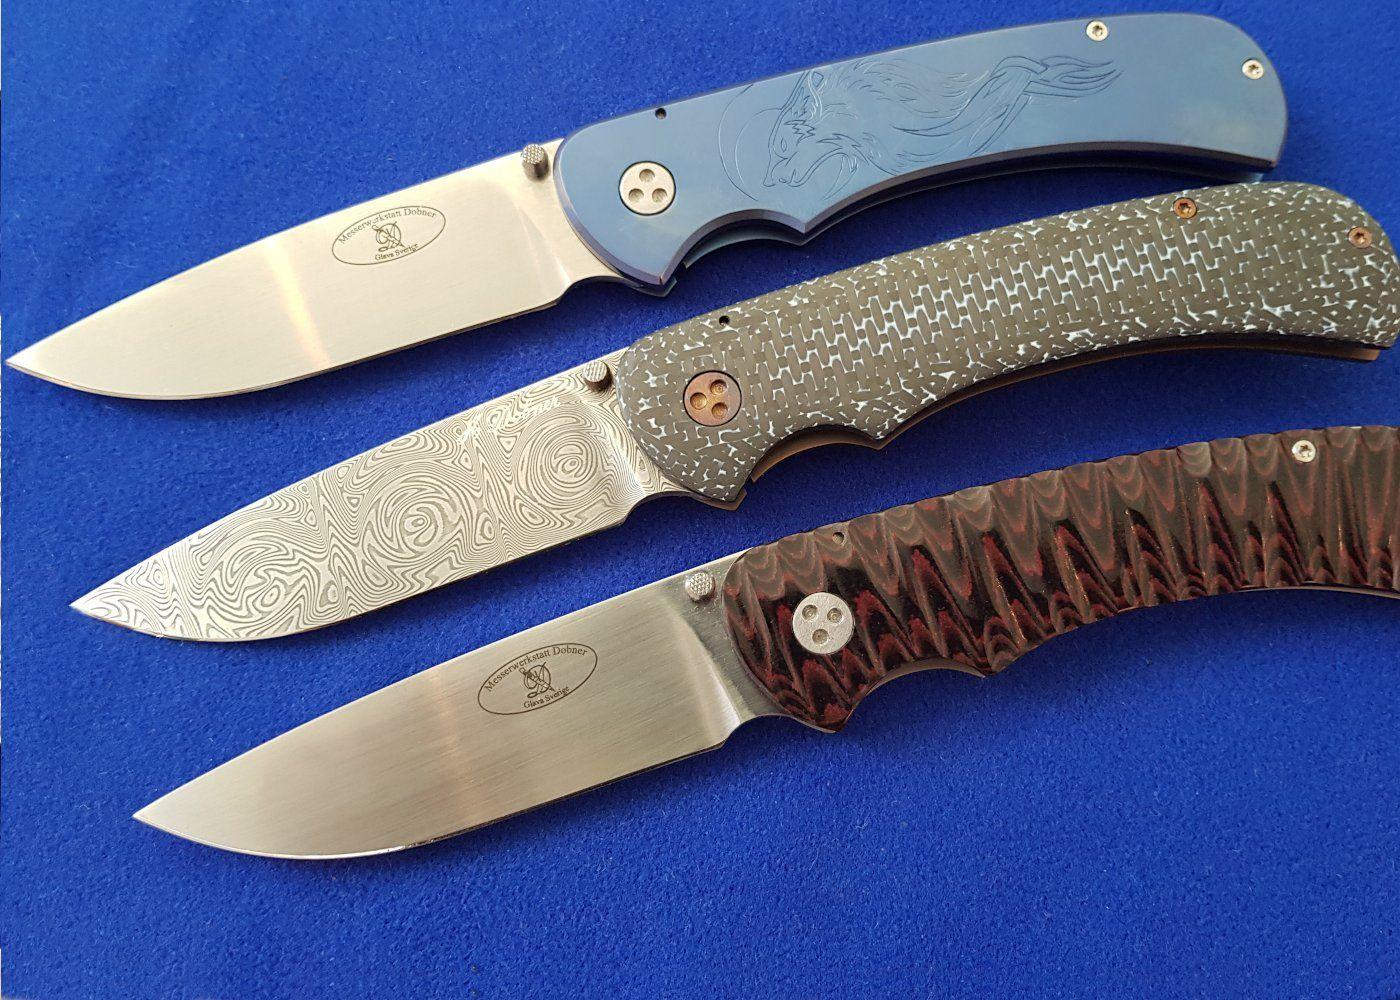 Bester Messerstahl für Taschenmesser